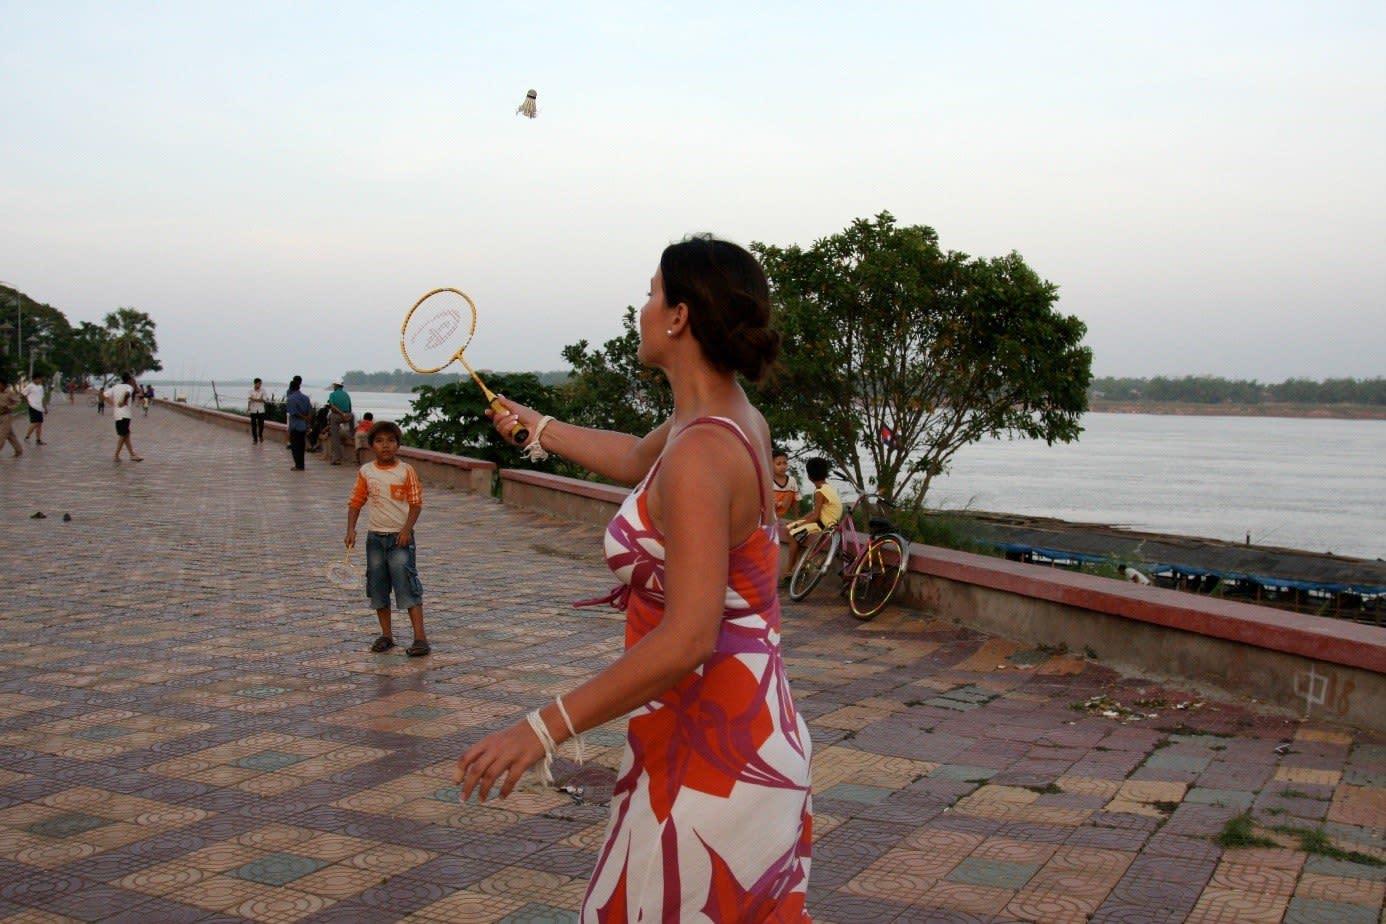 Asien Reisebericht von Christina L von cityseacountry